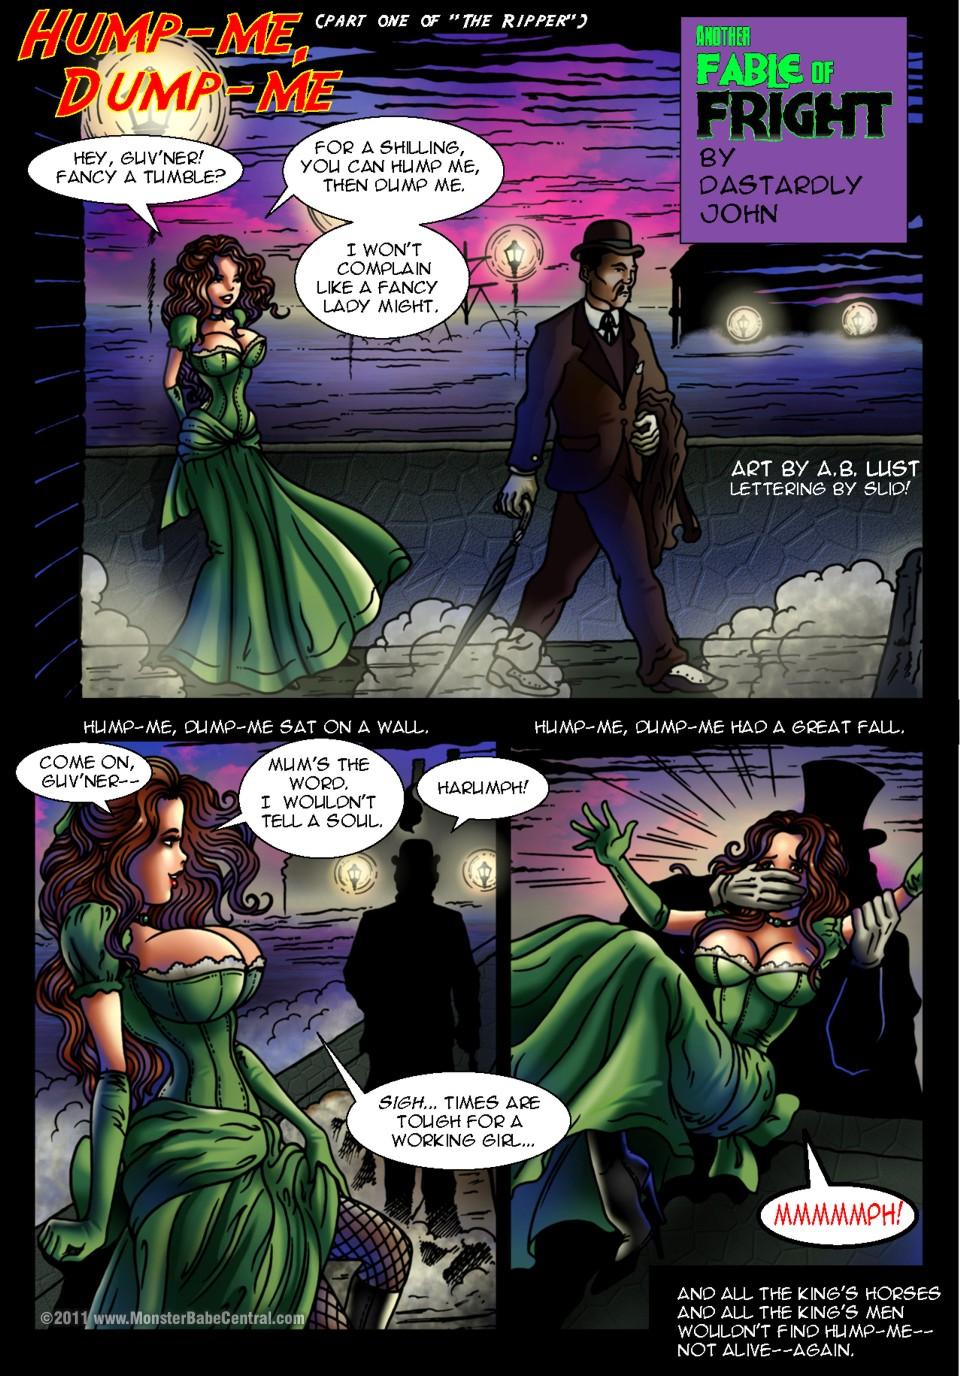 SureFap xxx porno Jack the Ripper - [HorrorBabeCentral][A.B. Lust] - Part.1 - Hump-Me, Dump-Me